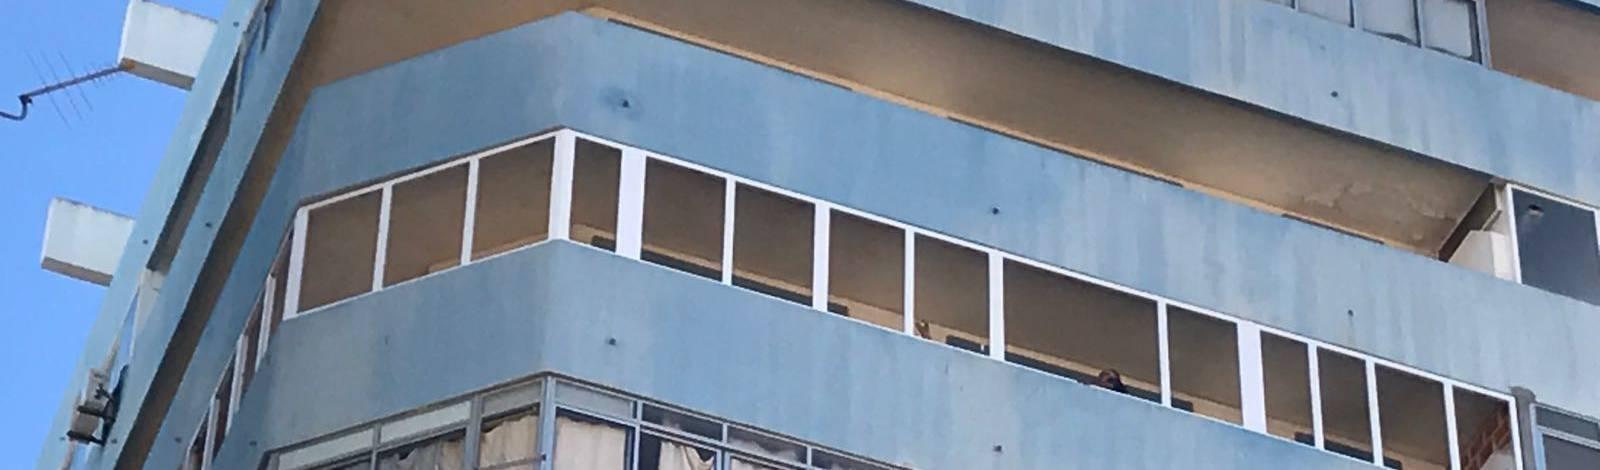 Multi-Windows Algarve